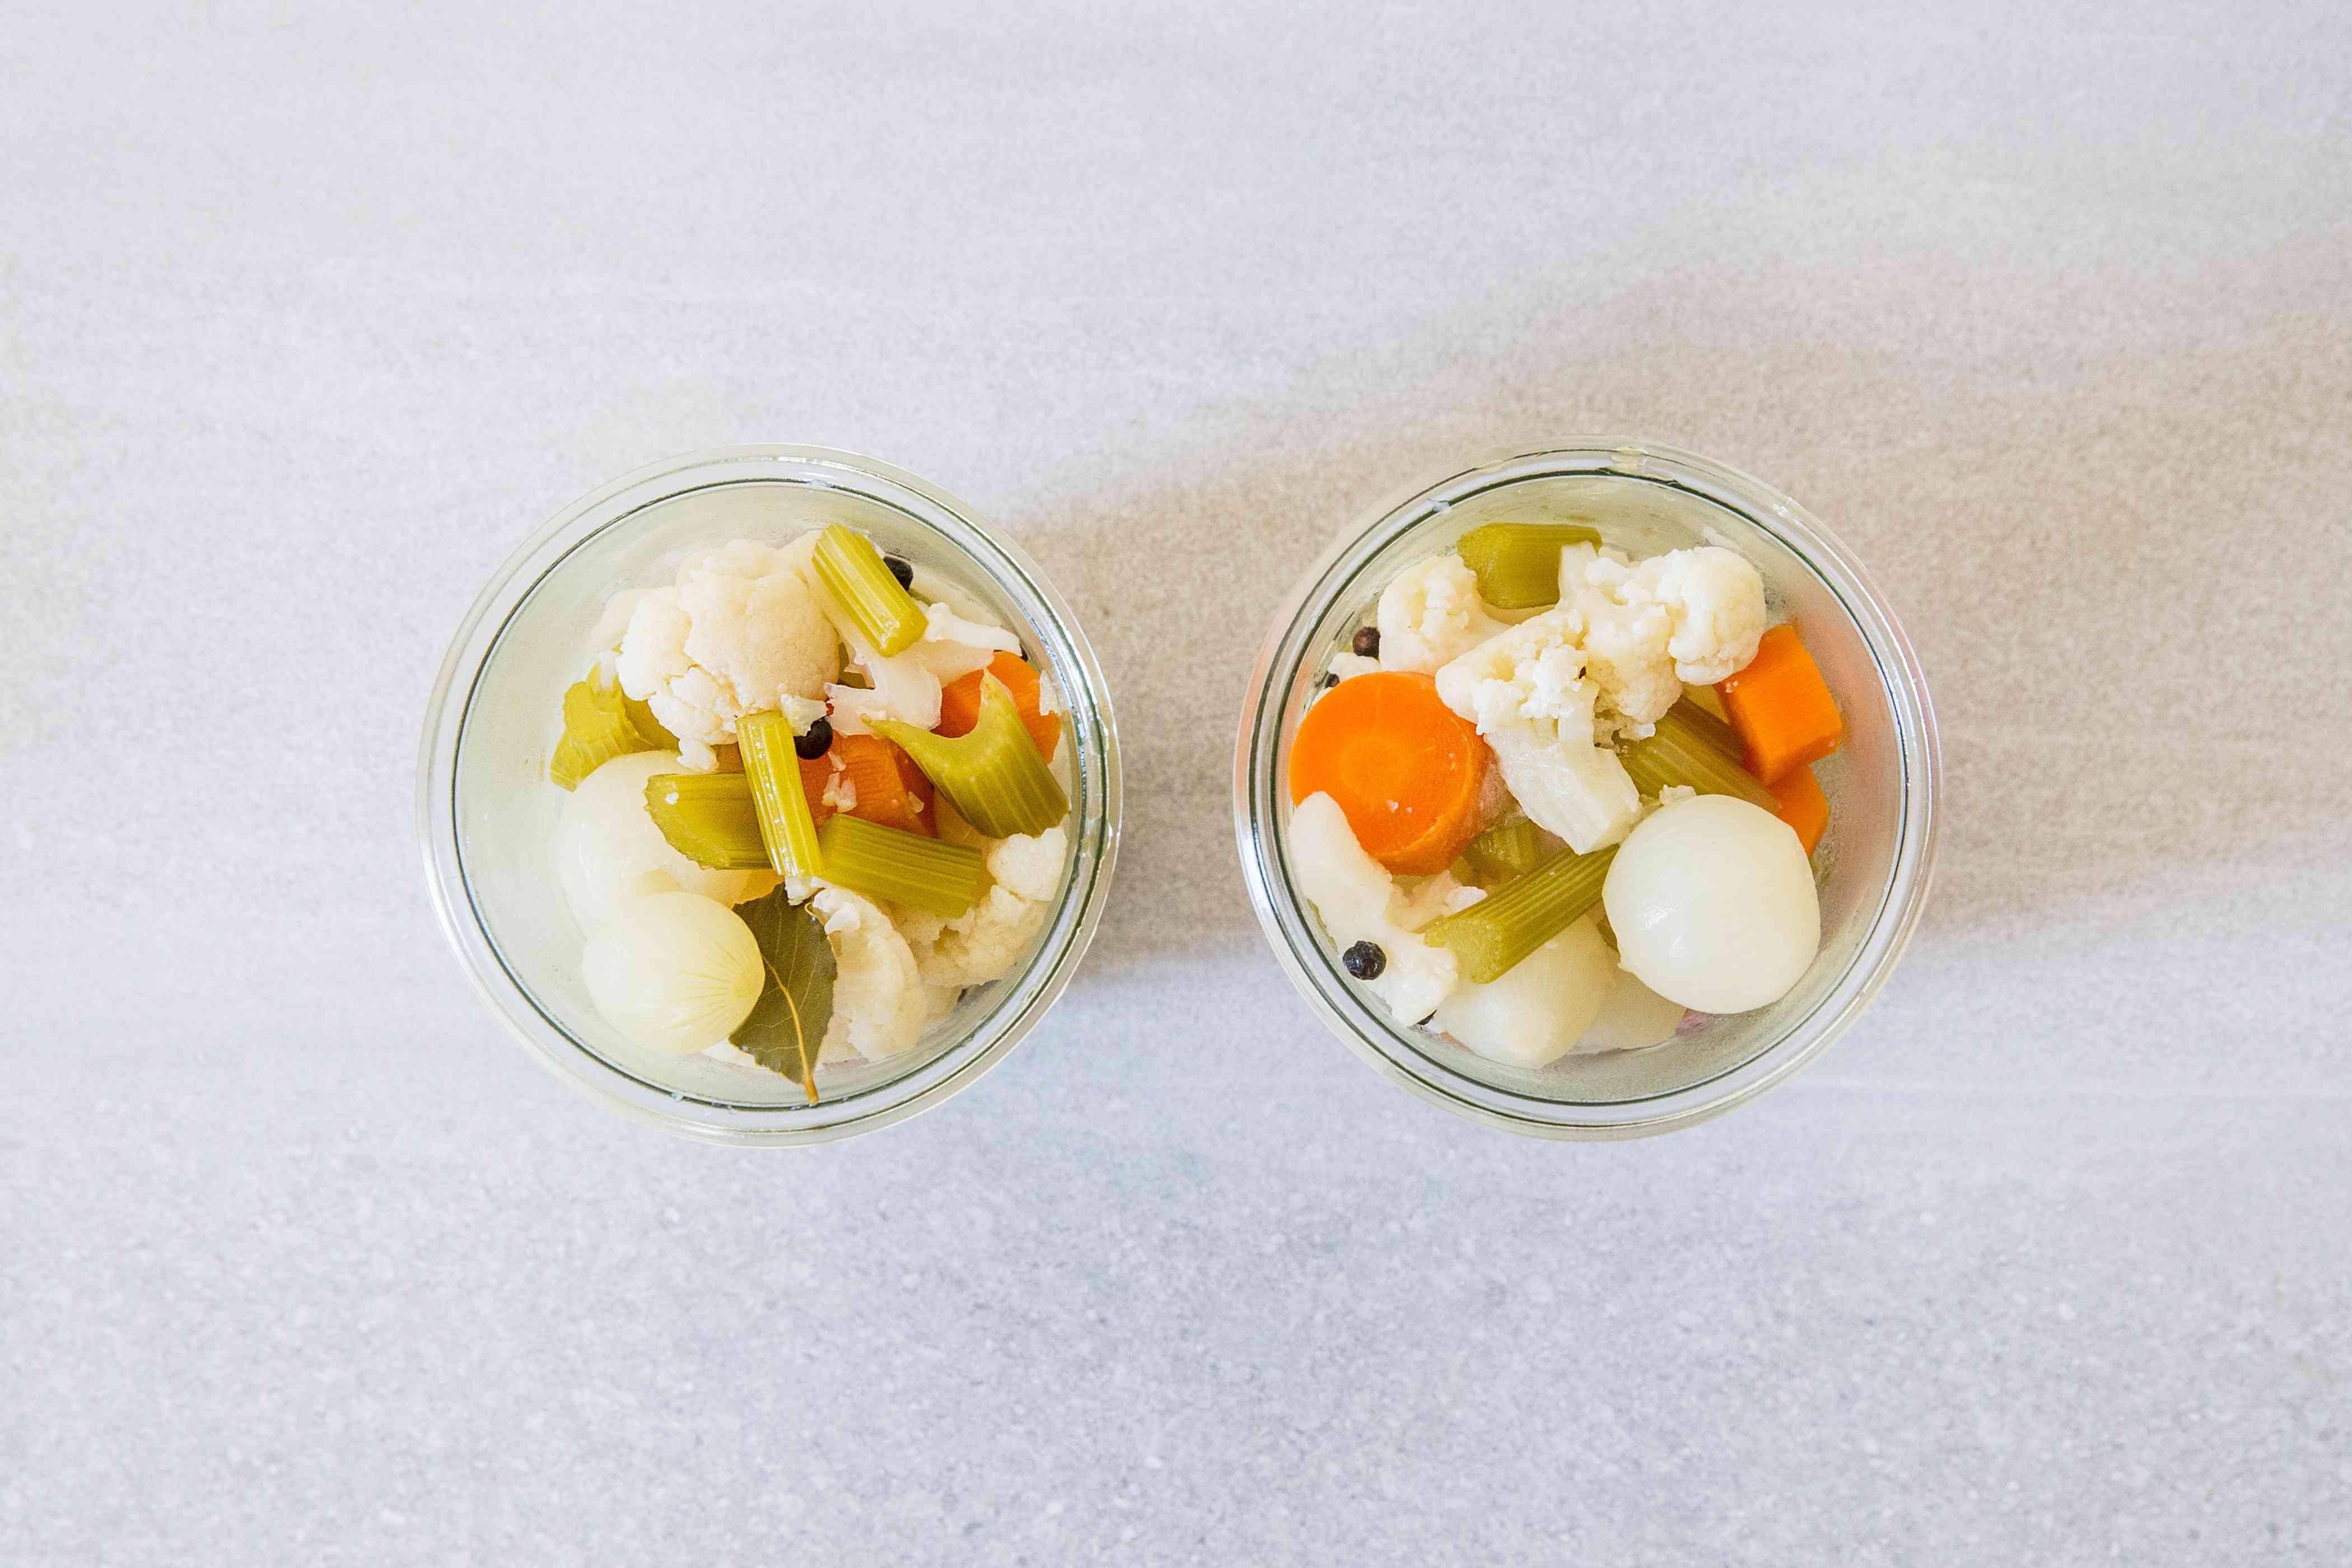 Vegetables in the vinegar mixture in jars